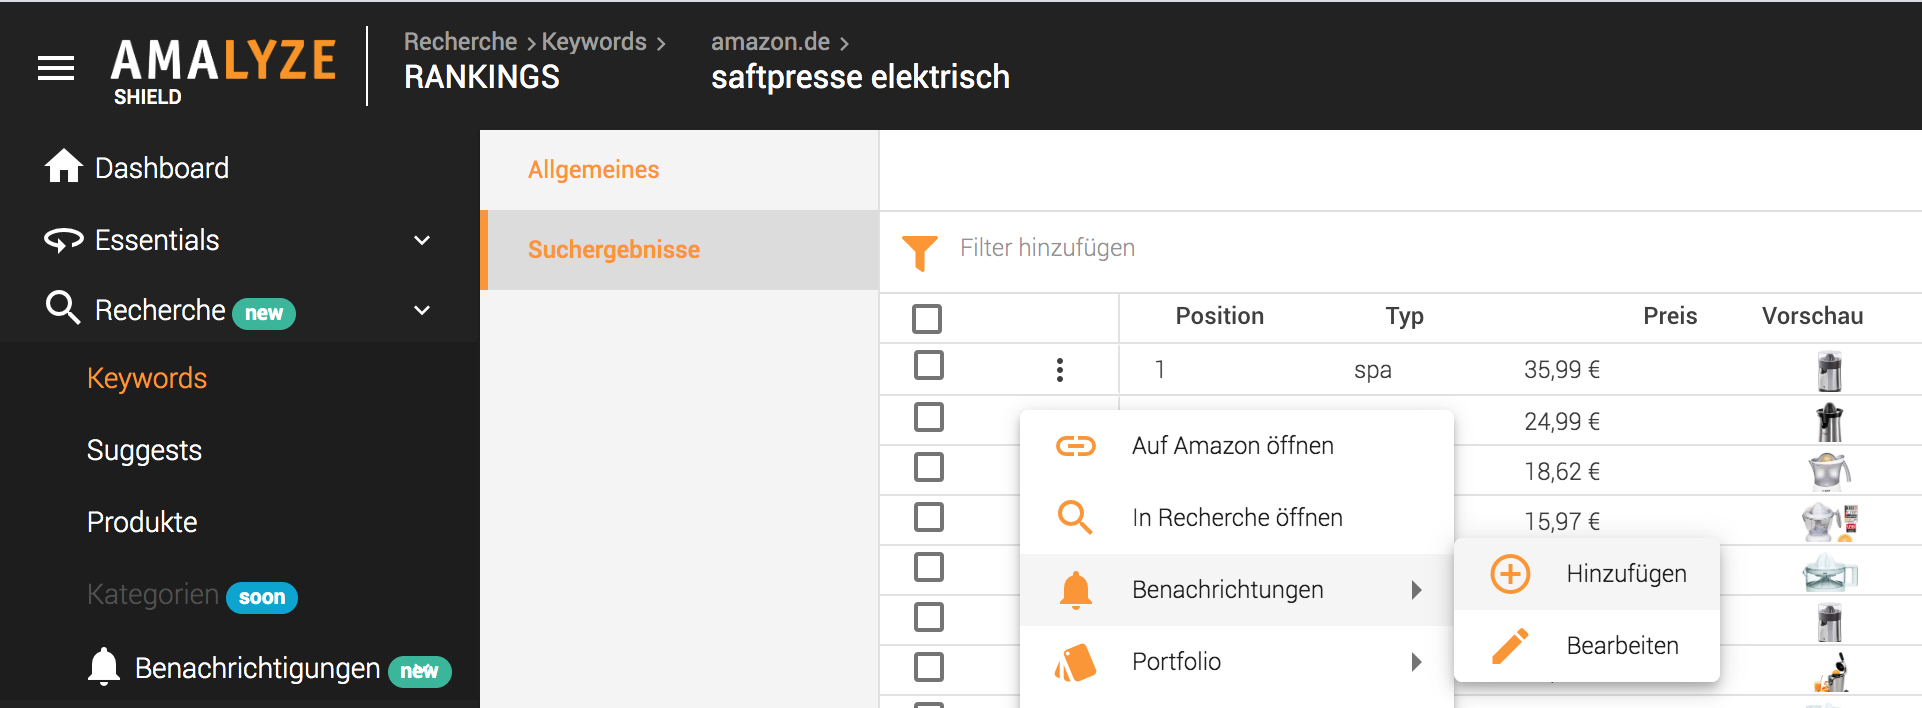 Notifications FAQ_Einzelne benachrichtigung anlegen über Keyword Suchergebnisse